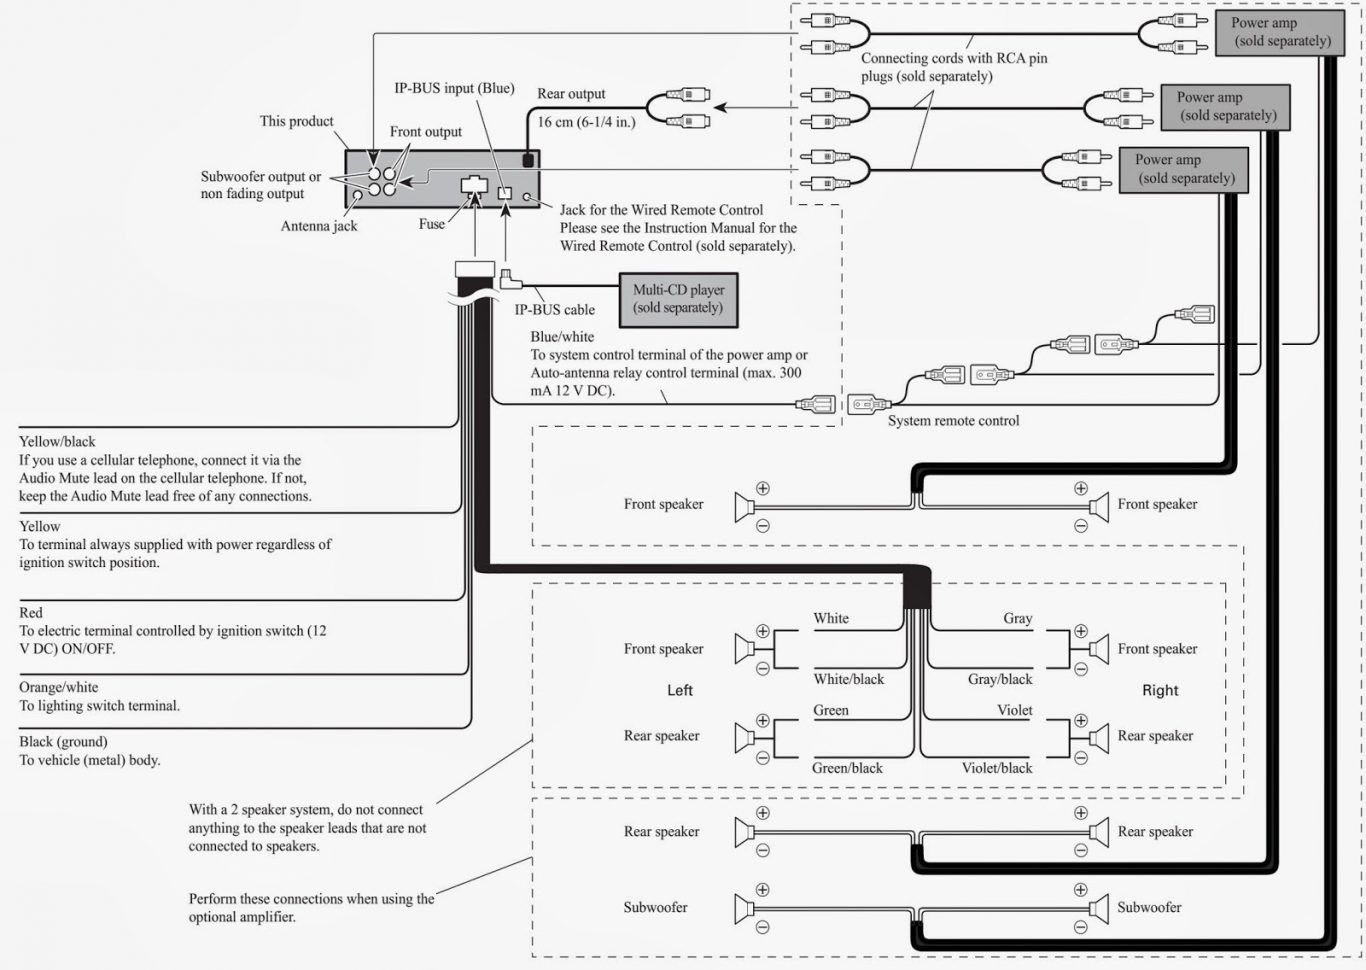 medium resolution of pioneer deh 3400ub wire diagram use wiring diagram pioneer deh 3400ub wiring diagram